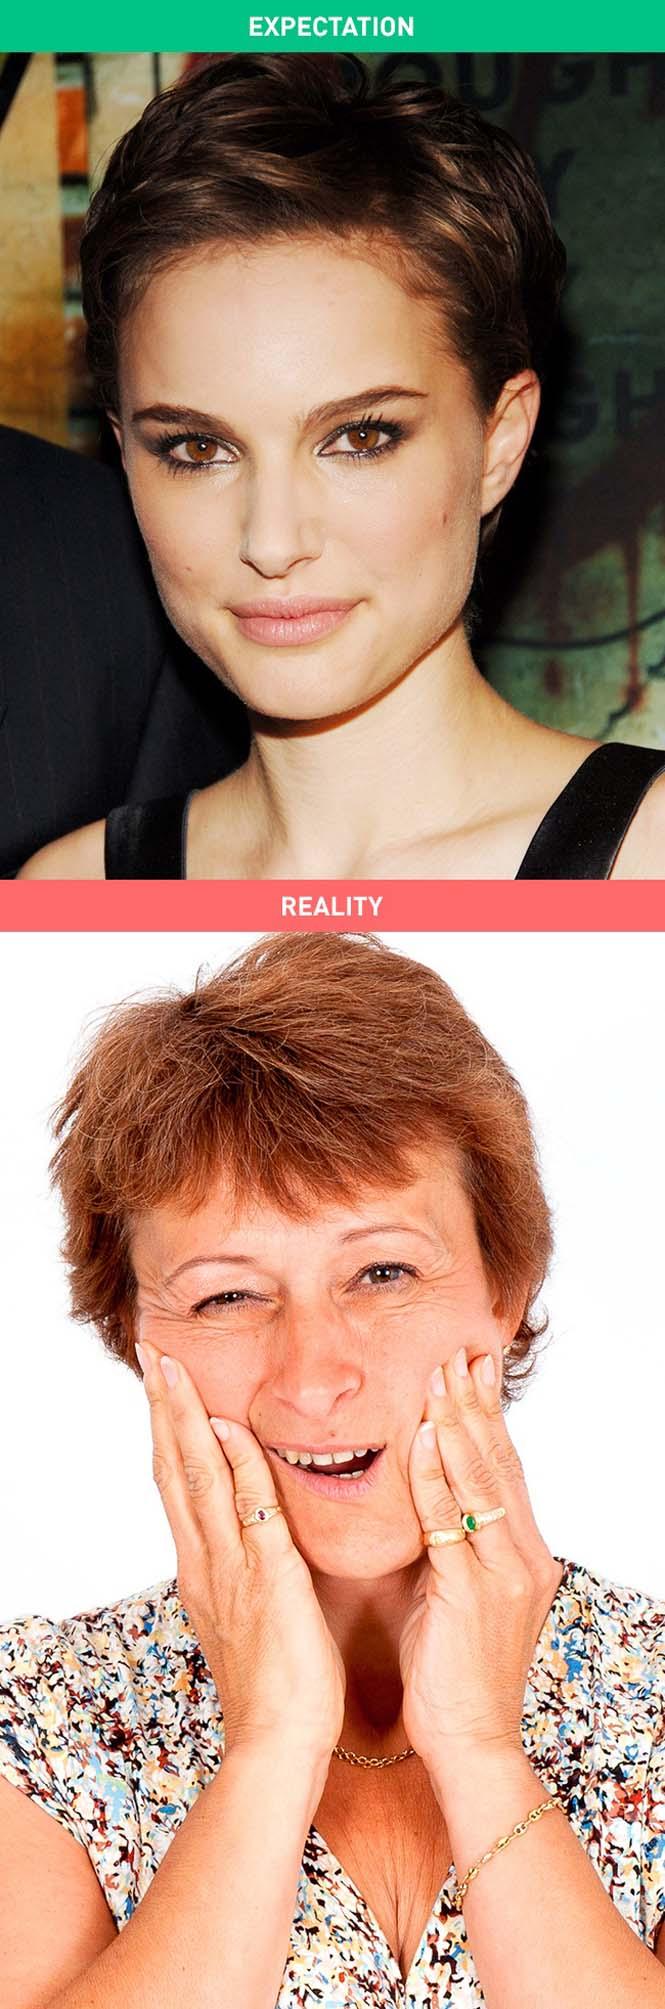 Γυναικεία καθημερινότητα: Προσδοκίες vs Πραγματικότητα (1)